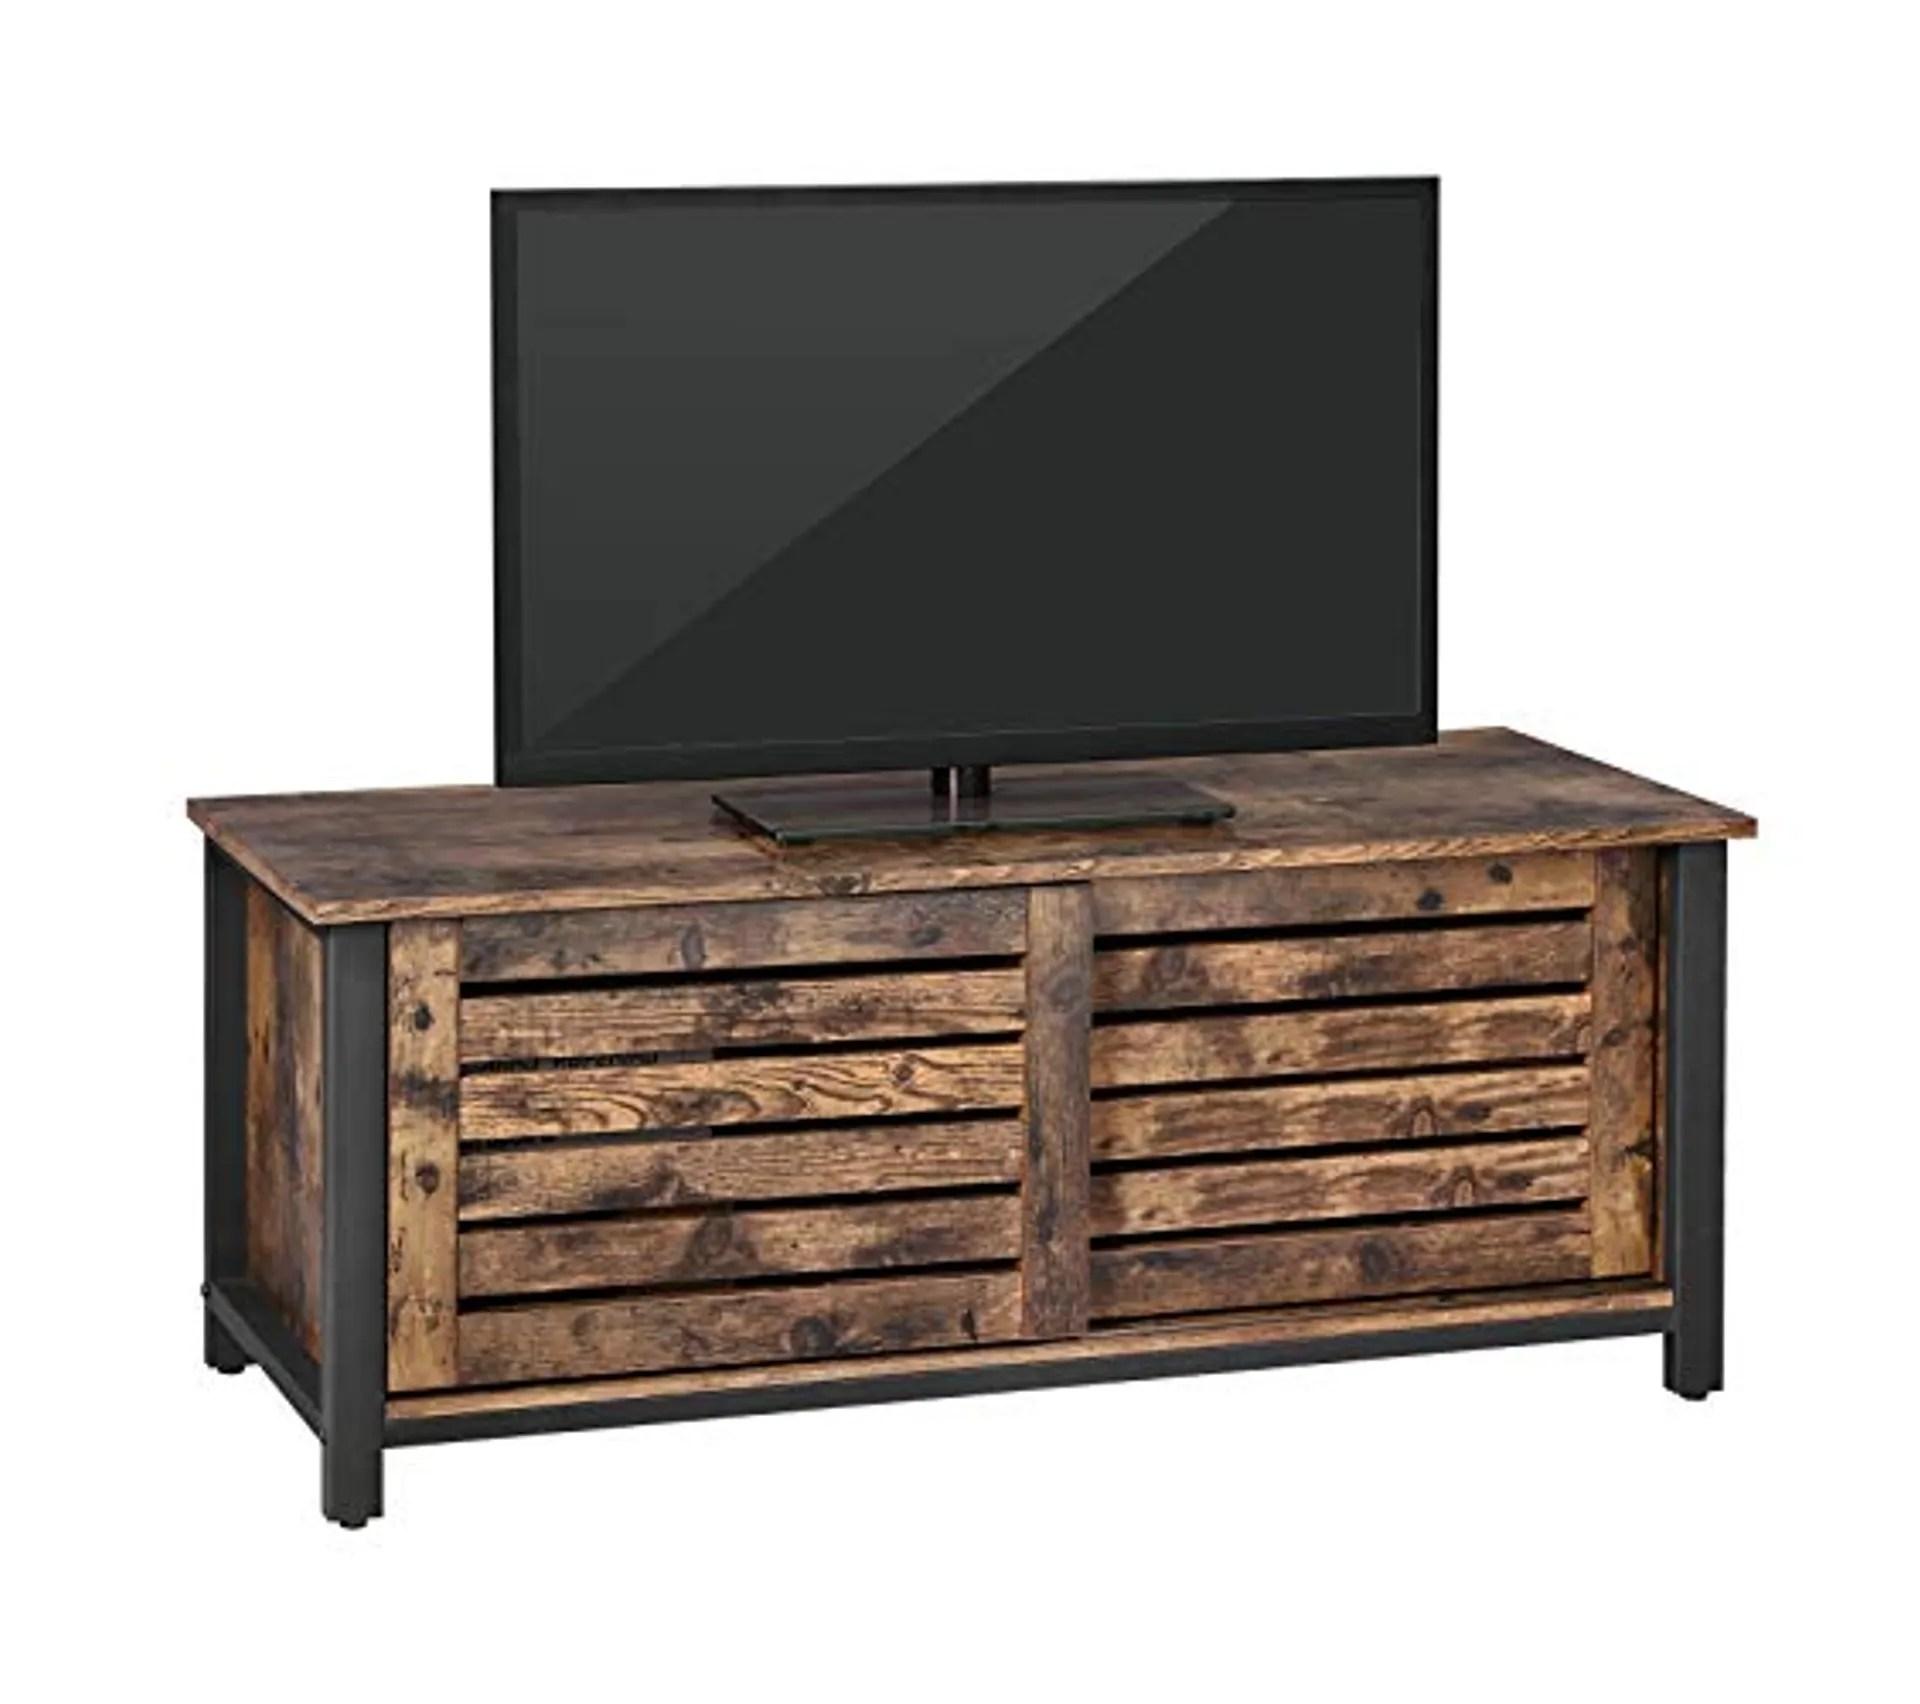 meuble tv pour televisons jusqu a 48 pouces avec portes coulissantes et 2 etageres